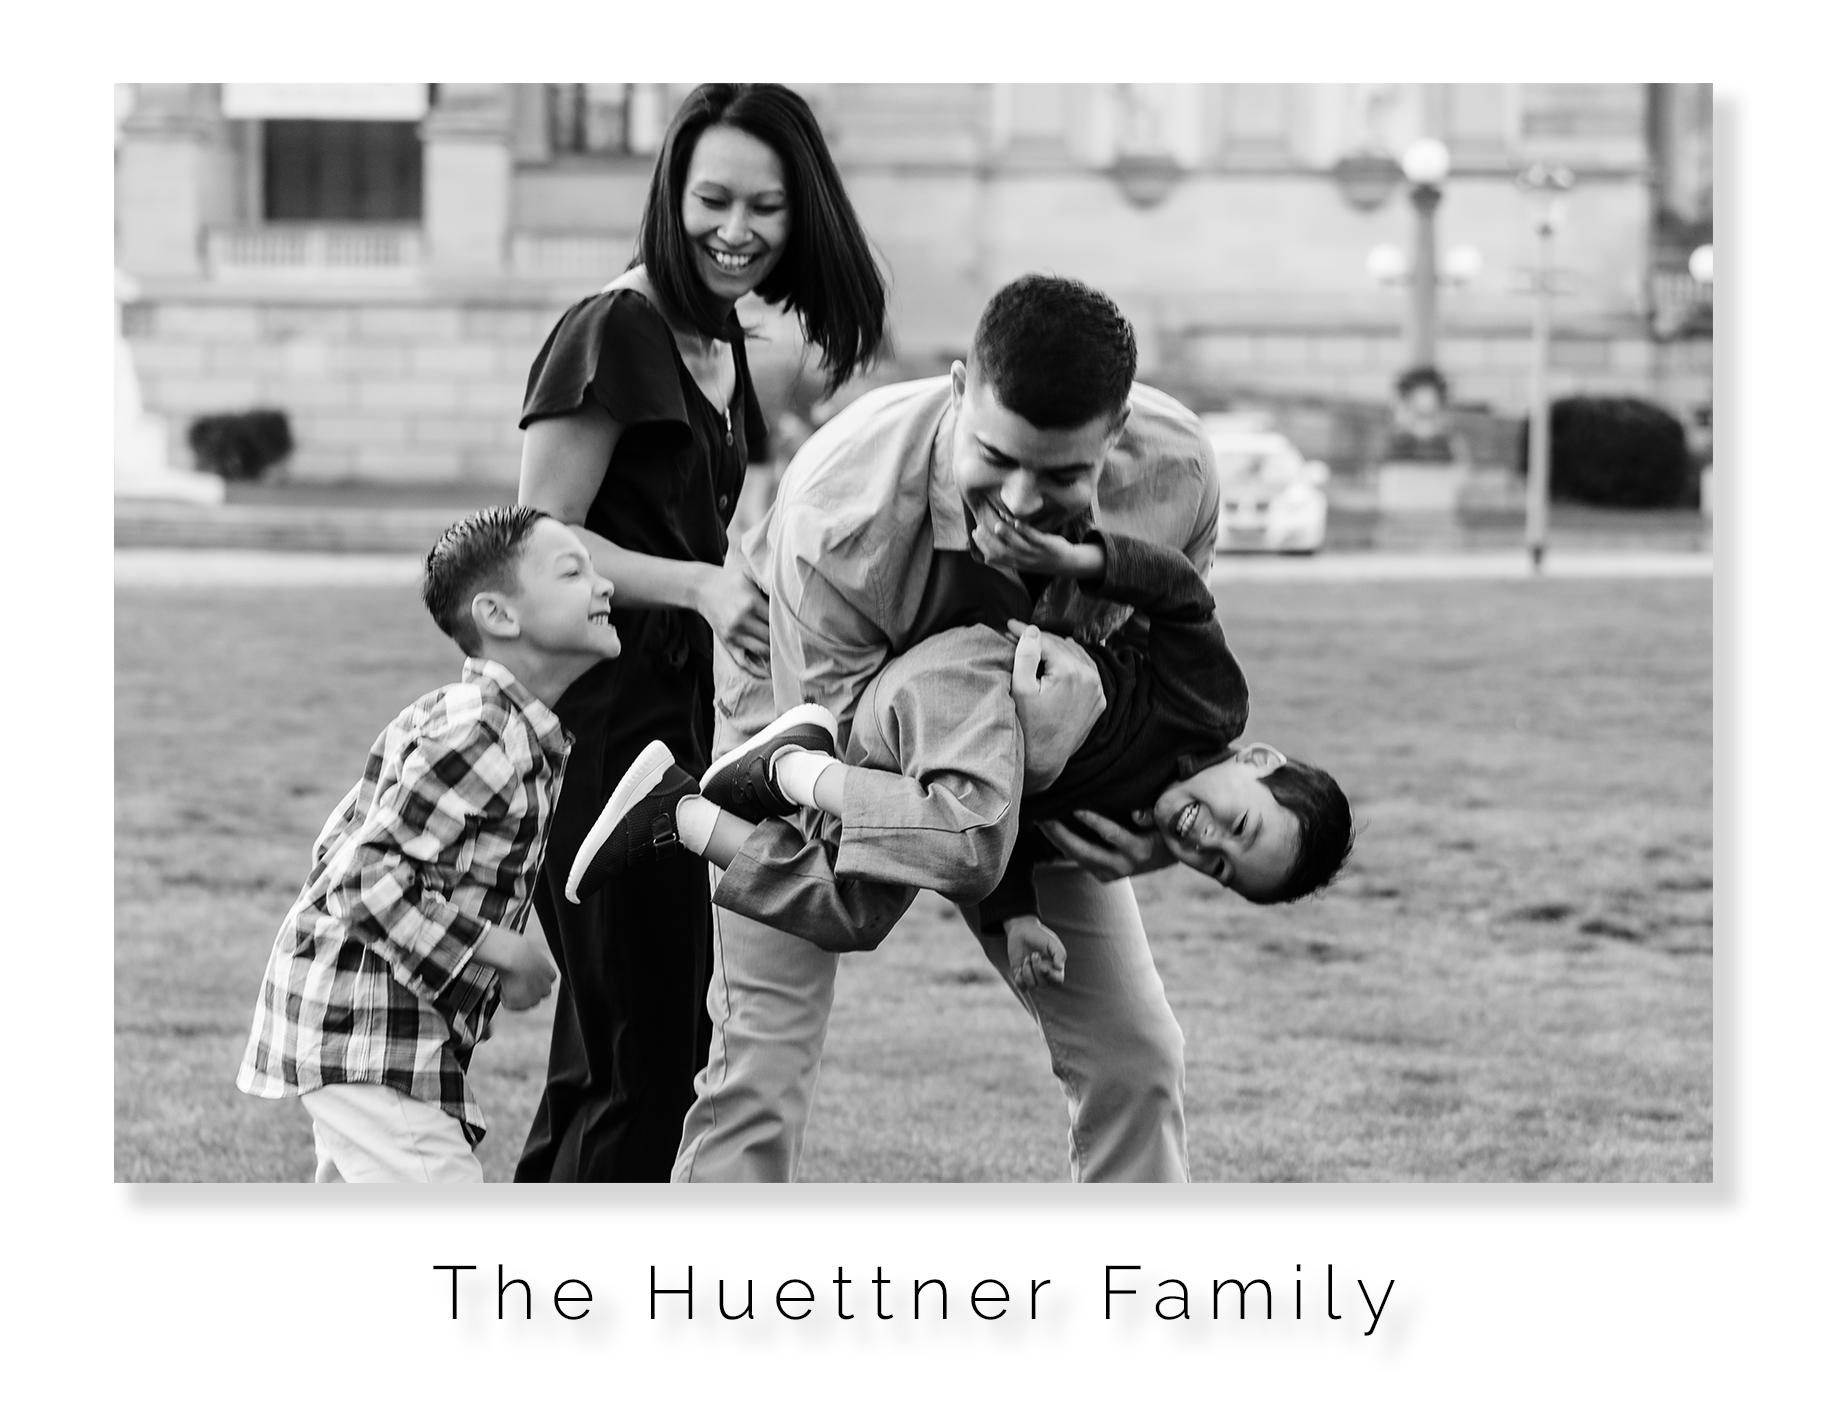 Huettner Family